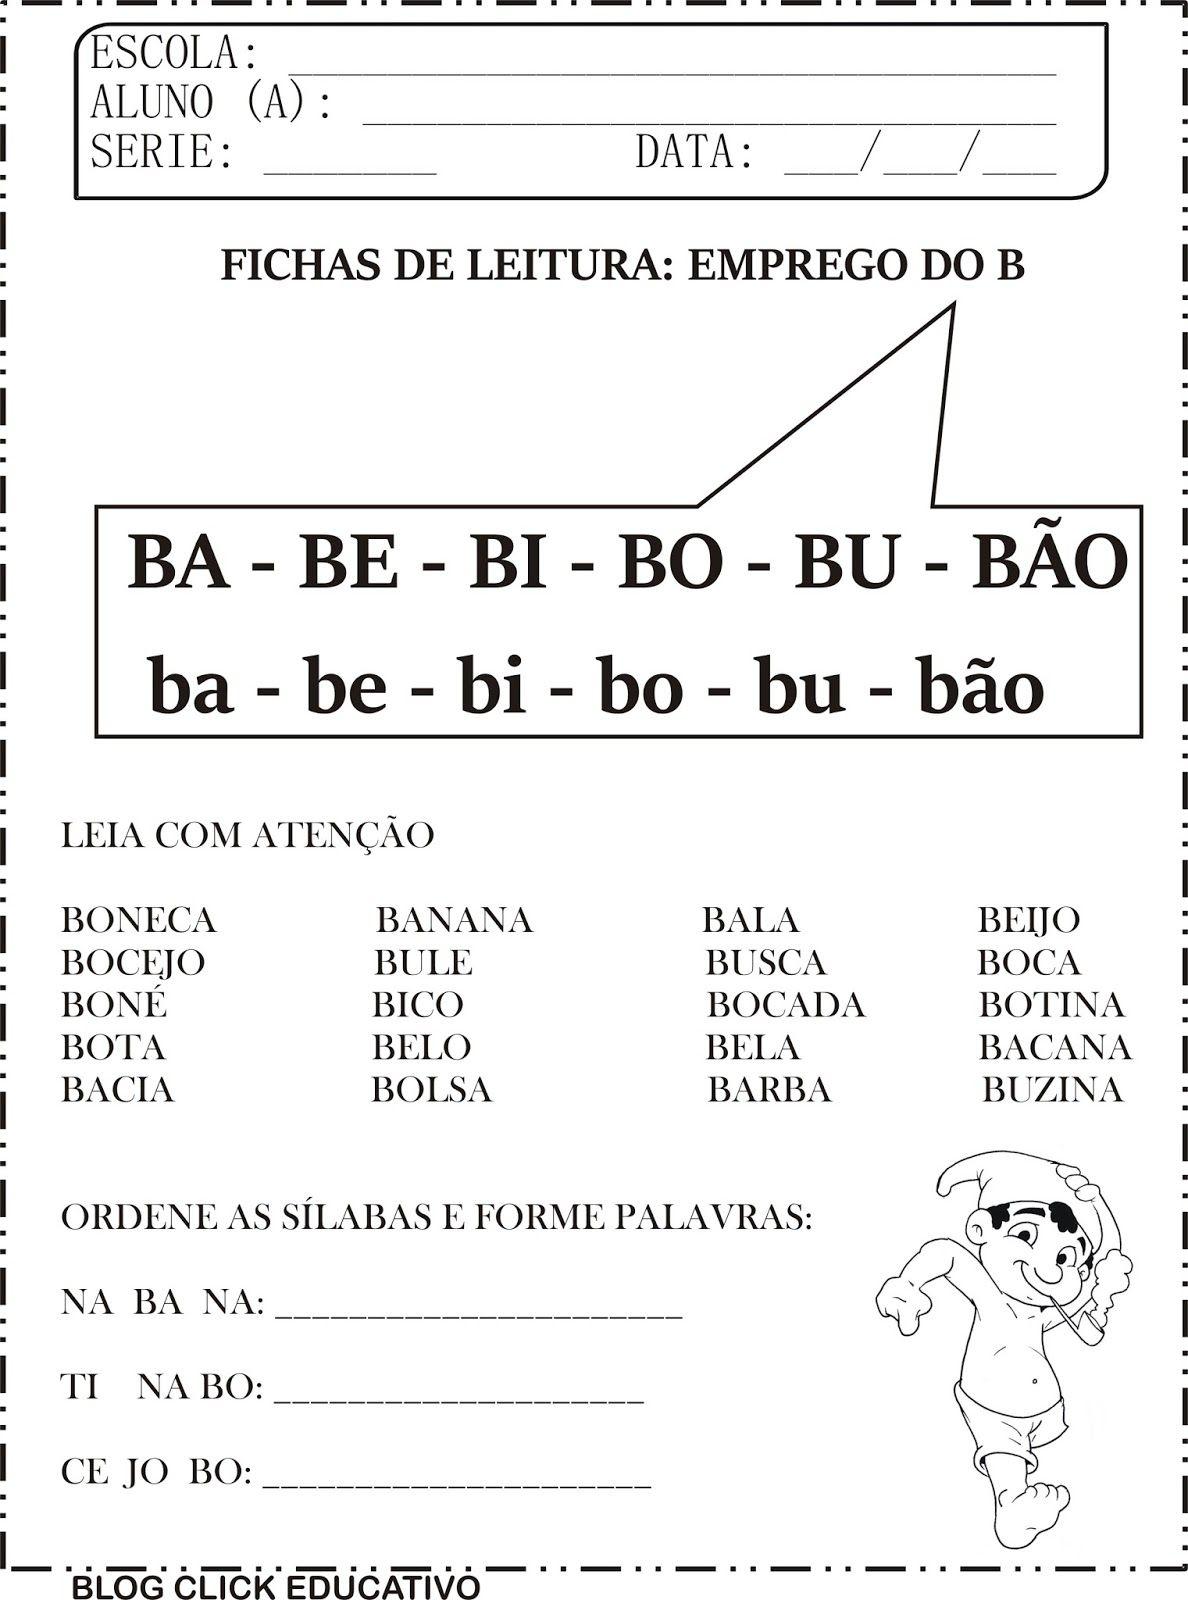 Fichas De Leitura Familias Silabicas Para Imprimir Em 2020